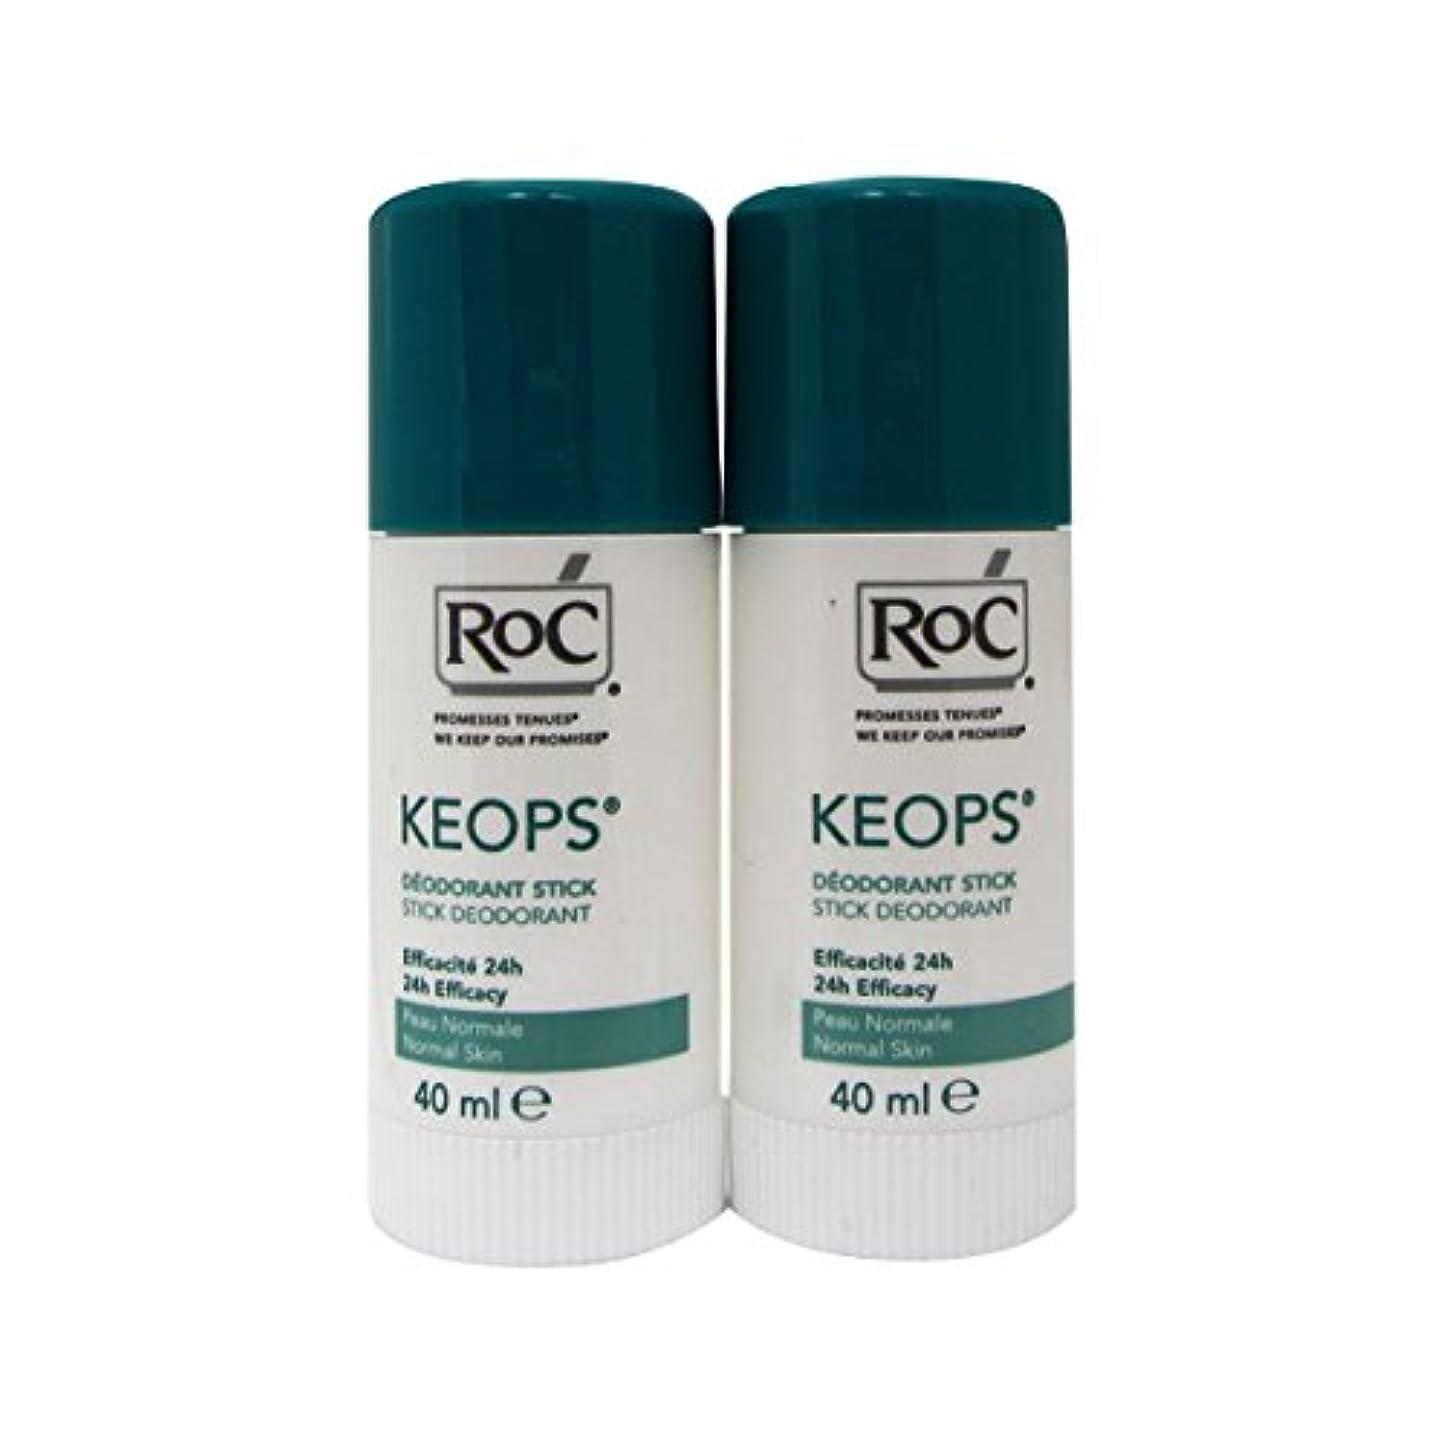 ロードされたパキスタン謝罪Roc Keops Deodorant Stick Soft Sweating 2x40ml [並行輸入品]